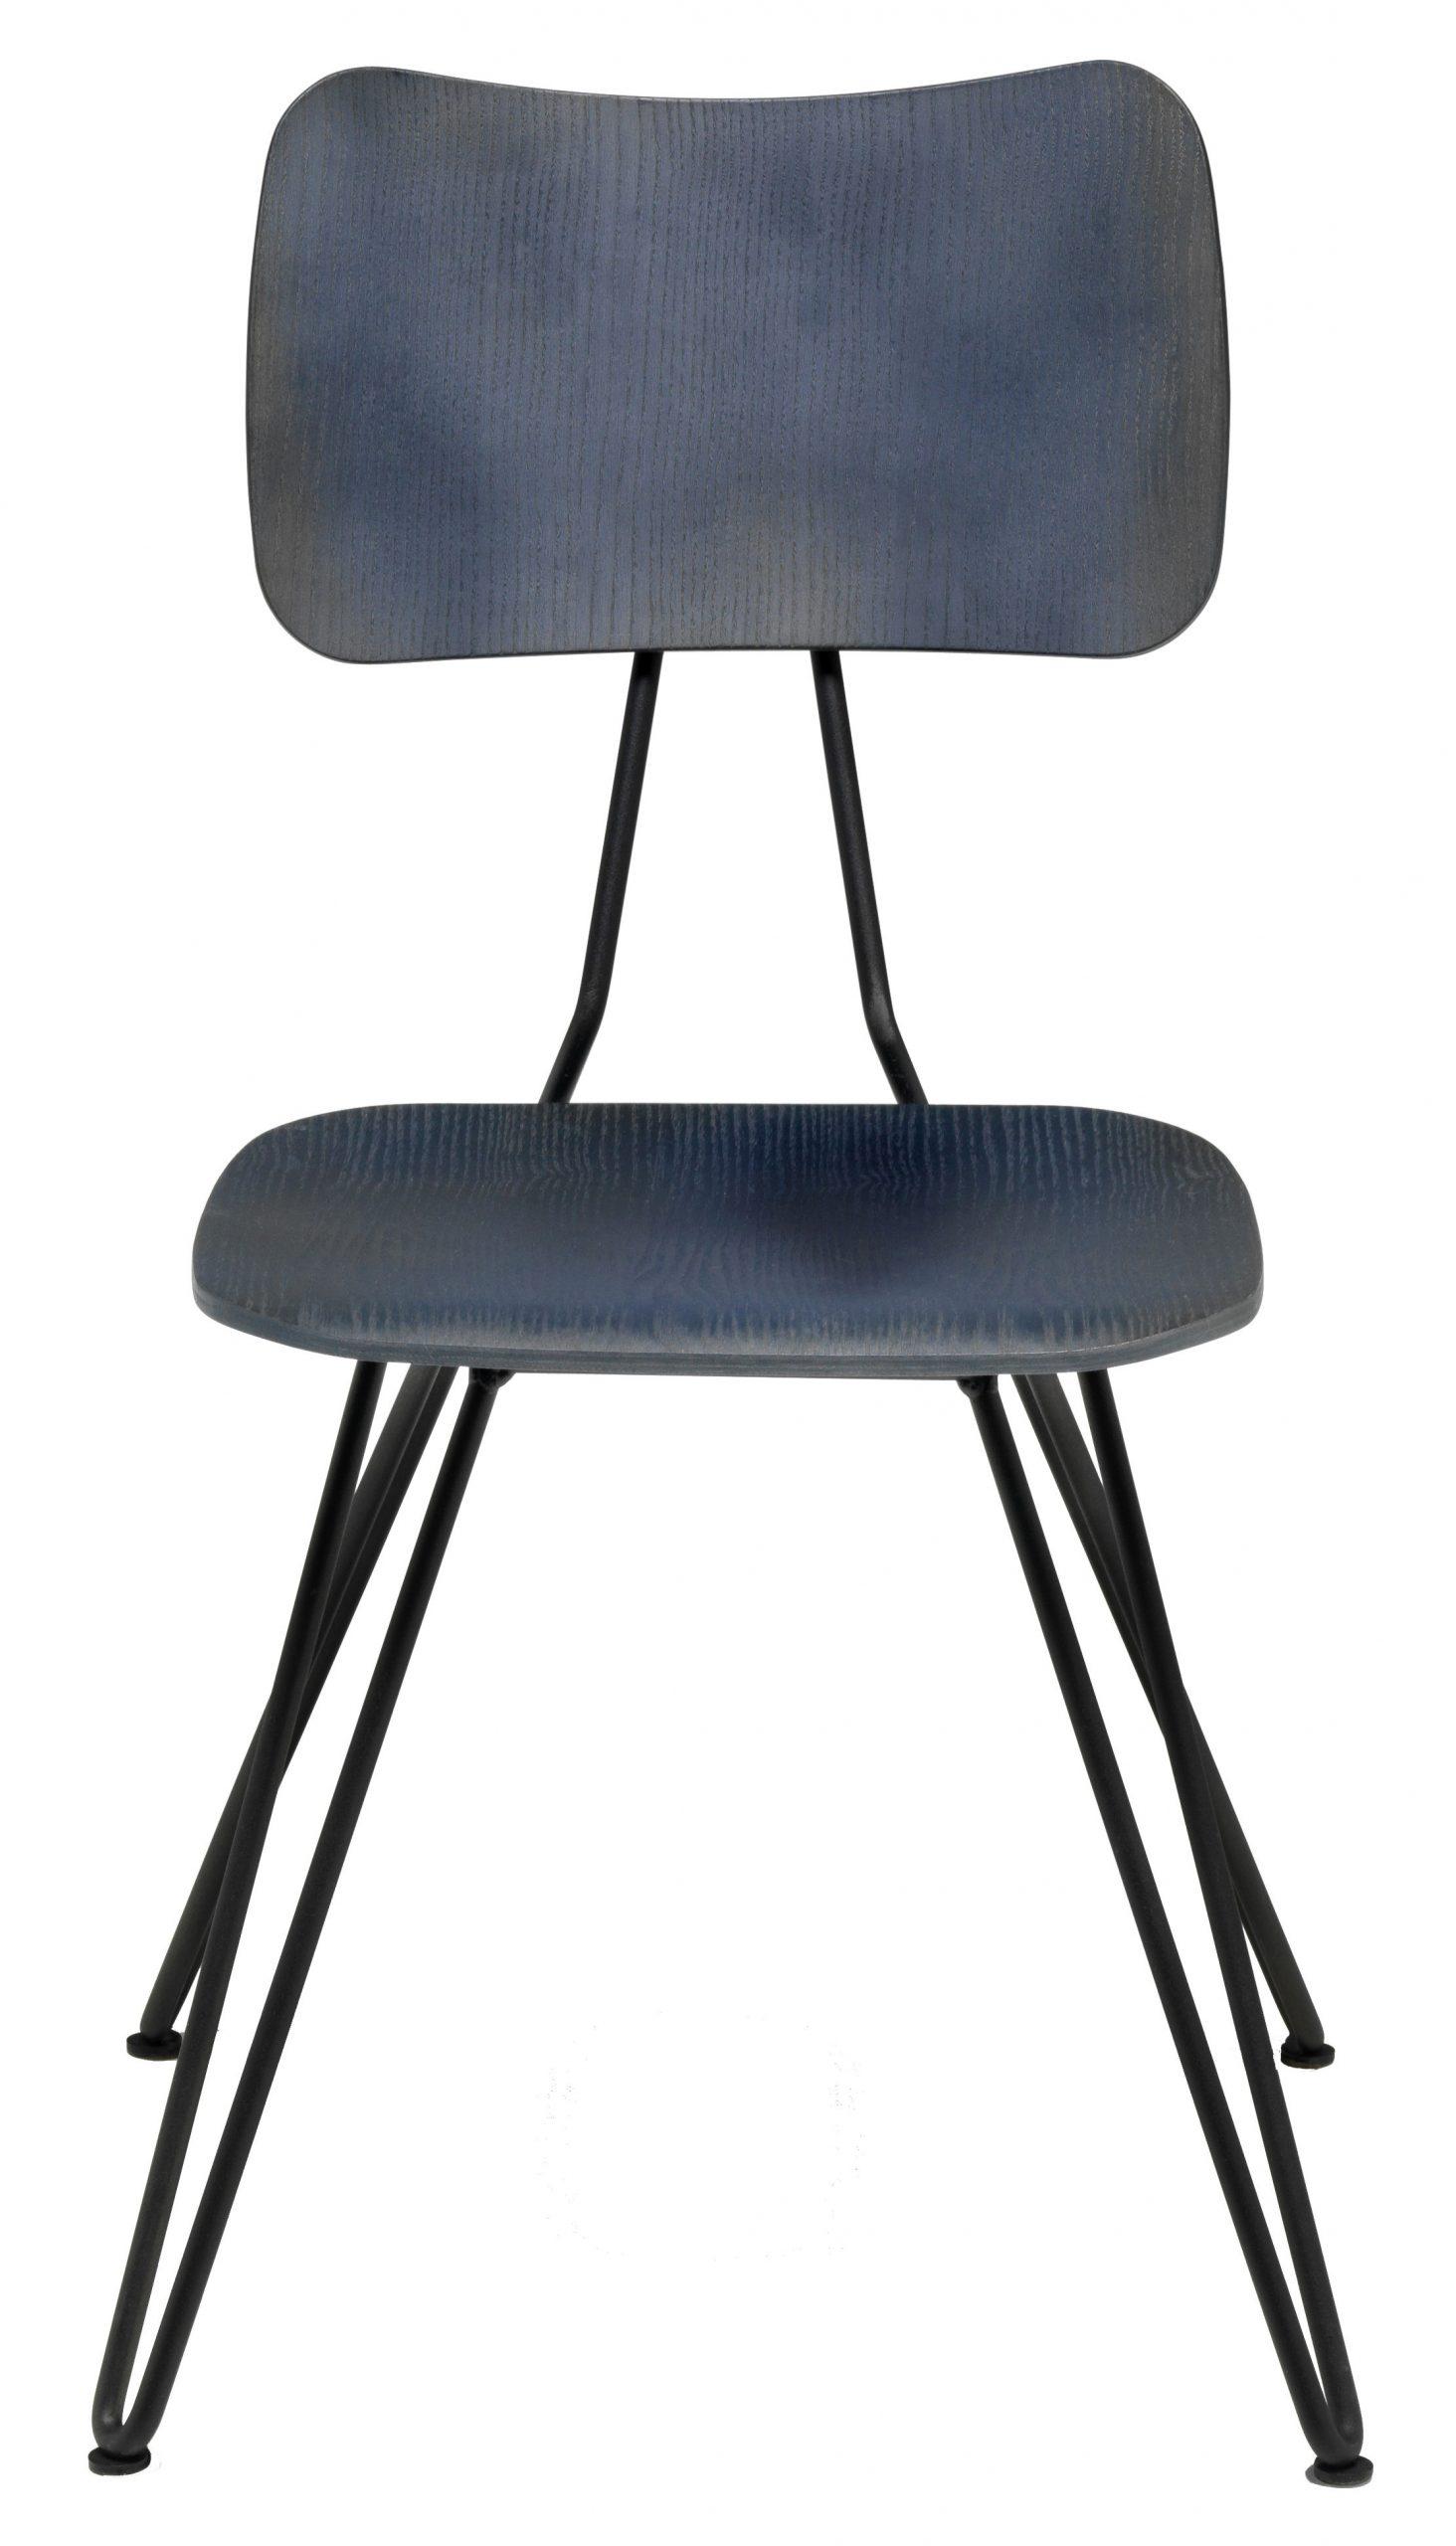 silla Overdyed Indigo Diesel azul con Moroso Diesel equipo creativo 1